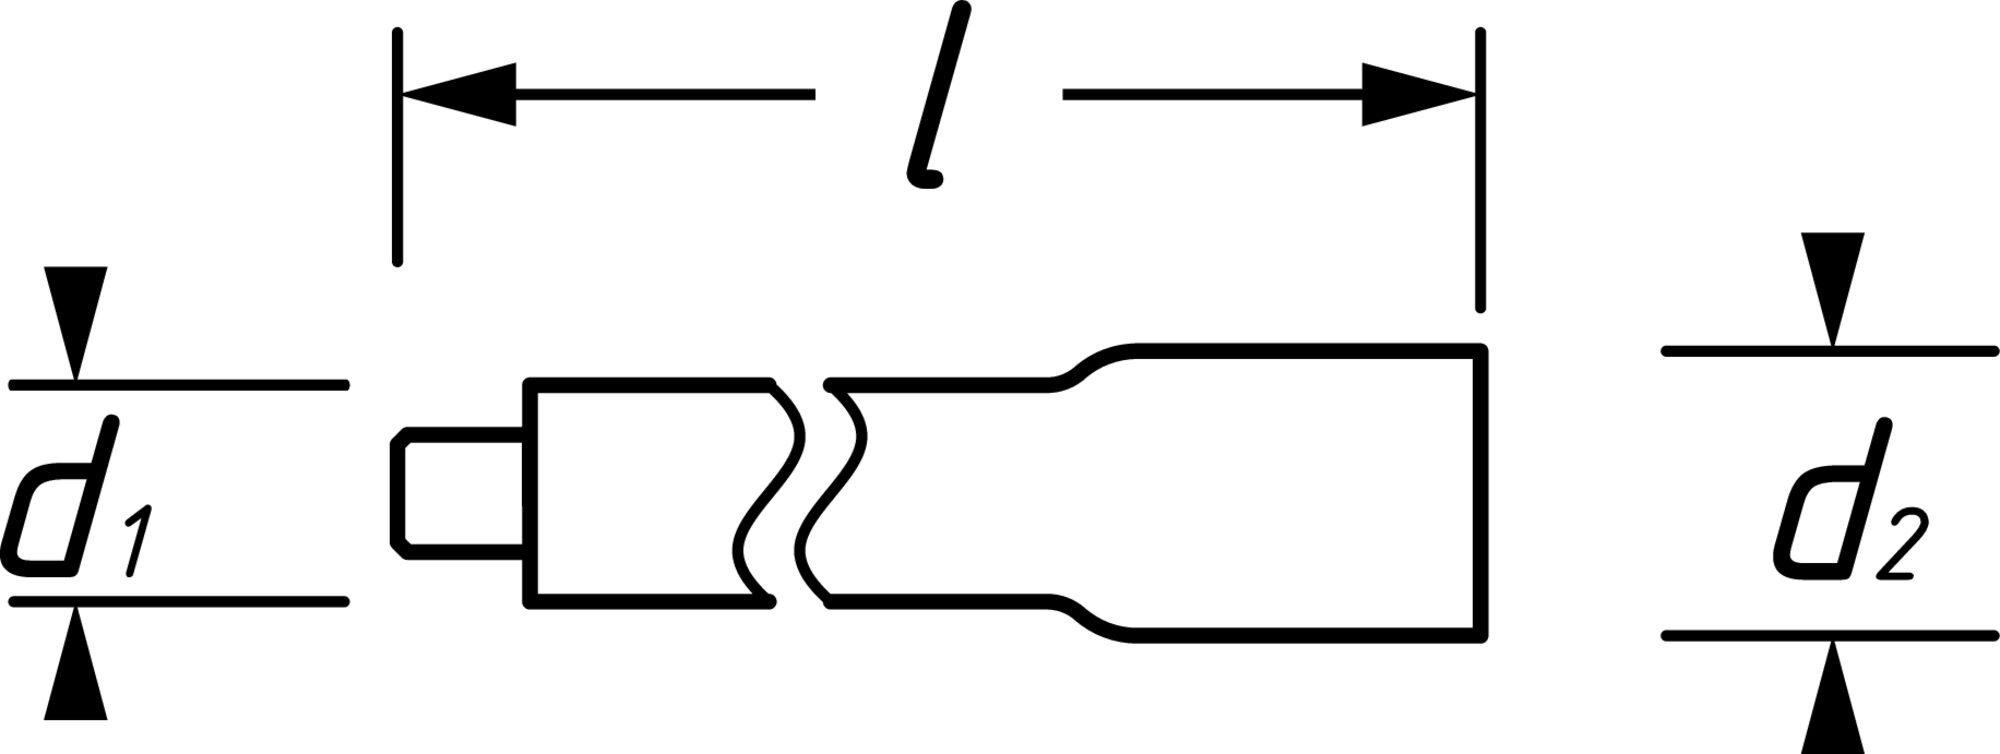 HAZET Verlängerung ∙ 1000 Volt 8821KV-3 ∙ Vierkant hohl 10 mm (3/8 Zoll) ∙ Vierkant massiv 10 mm (3/8 Zoll)